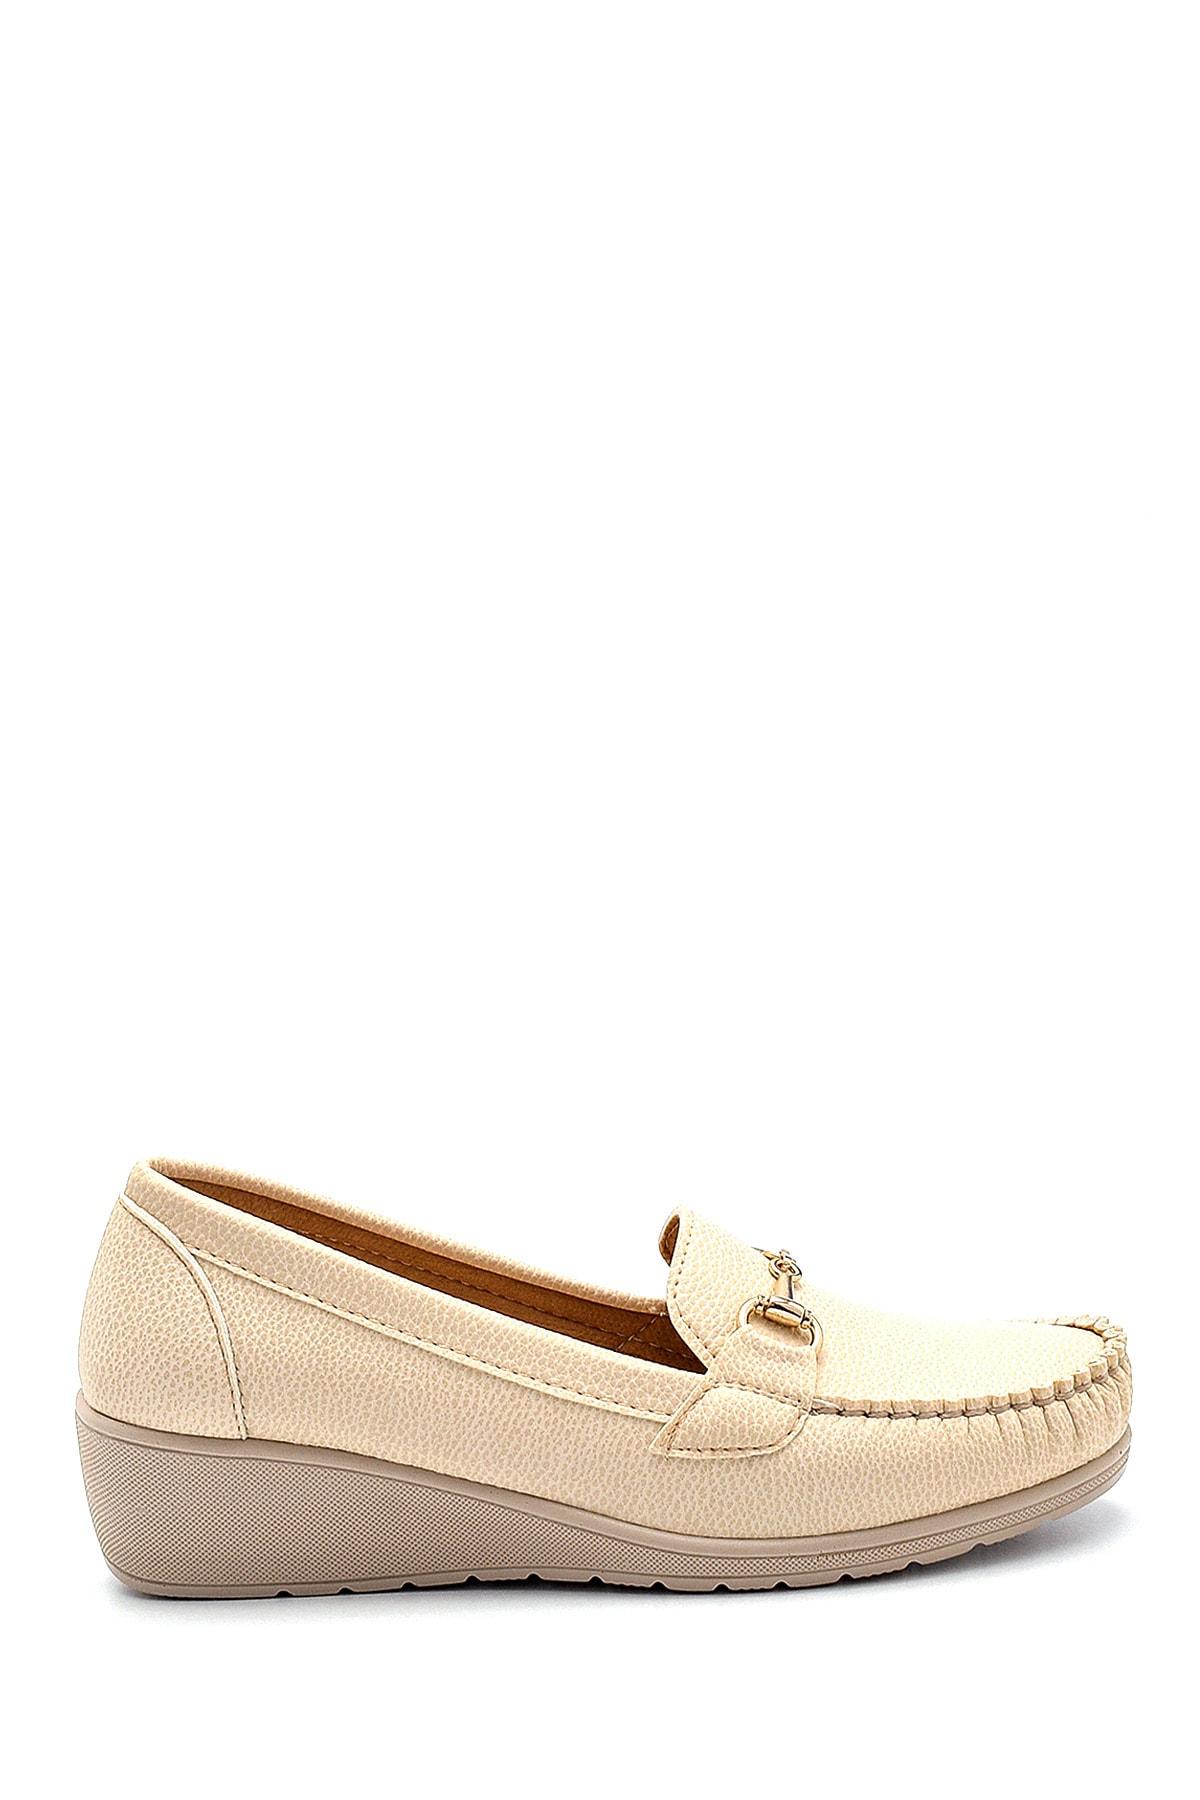 Derimod Kadın Bej Dolgu Topuklu Loafer Ayakkabı 1